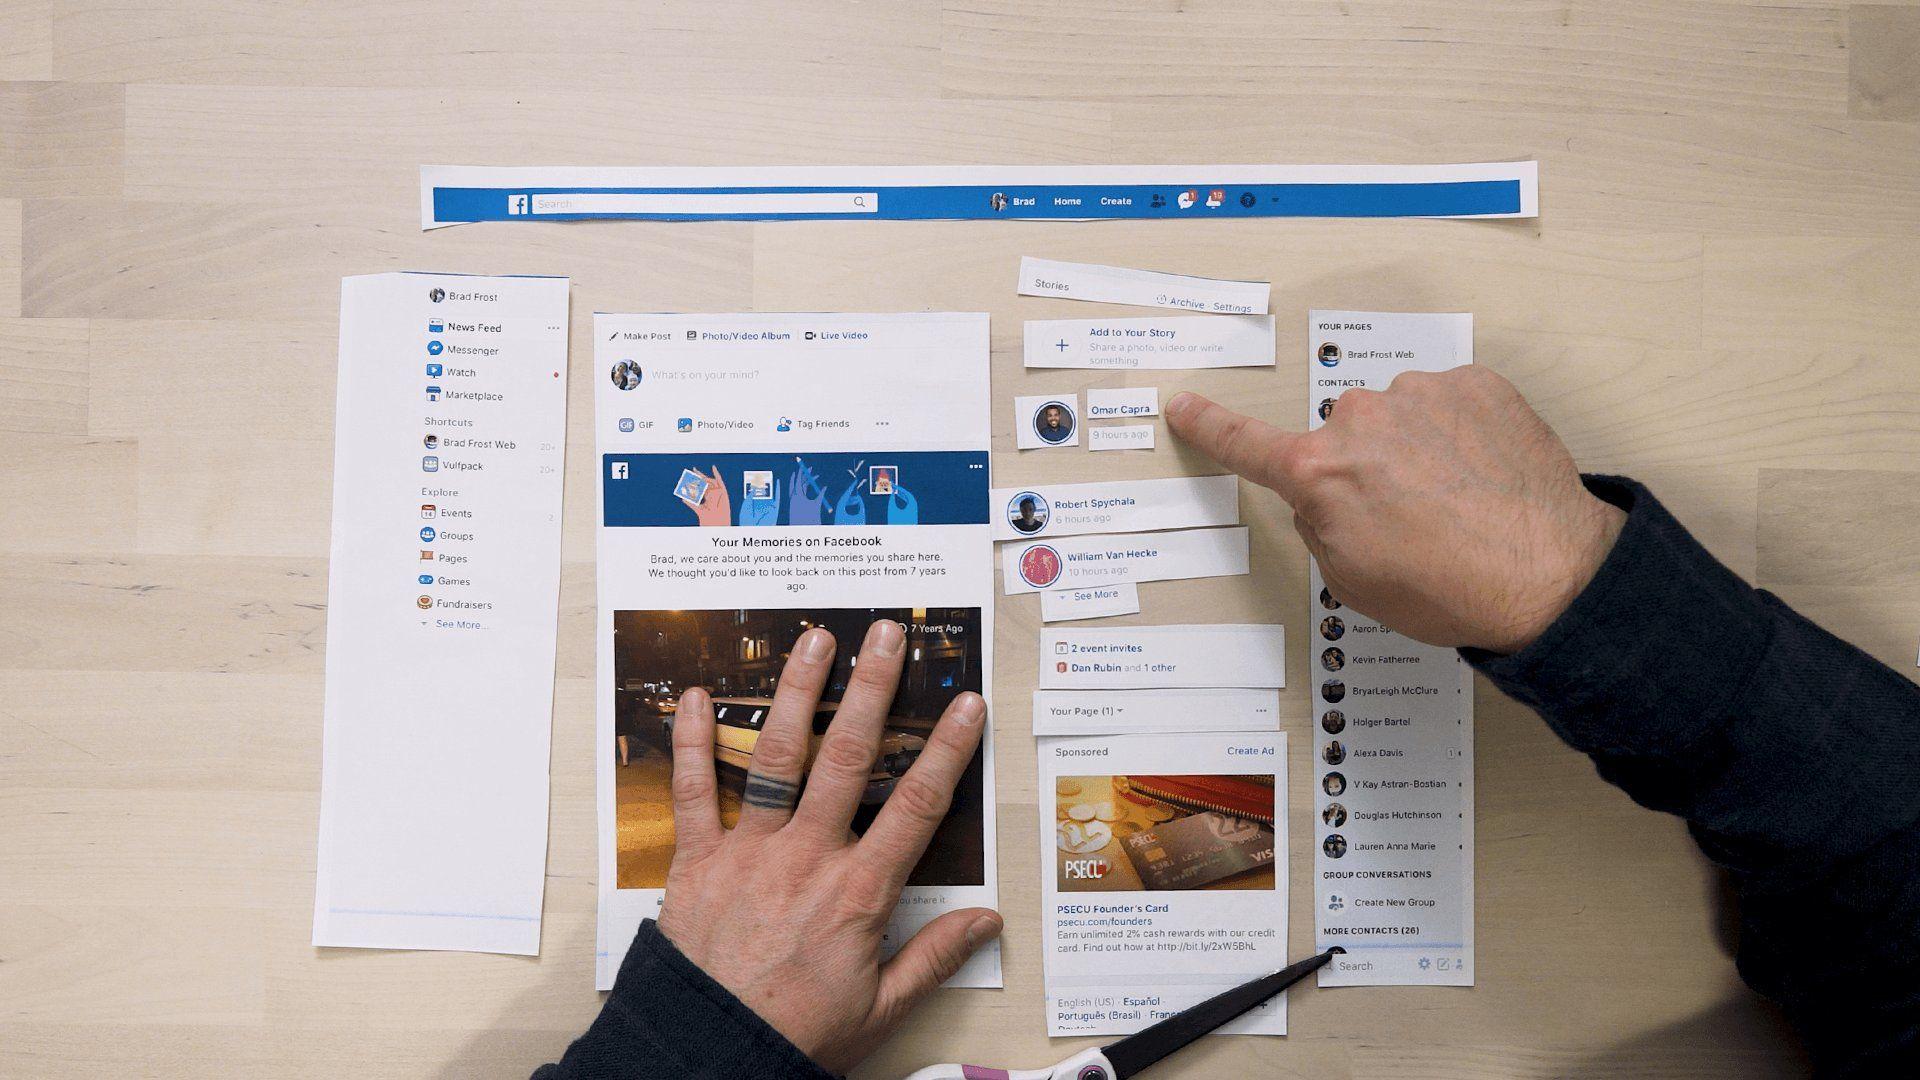 Digital Product Design Build A Flexible Design System That Lasts Design System Flexible Design Social Media Design Graphics